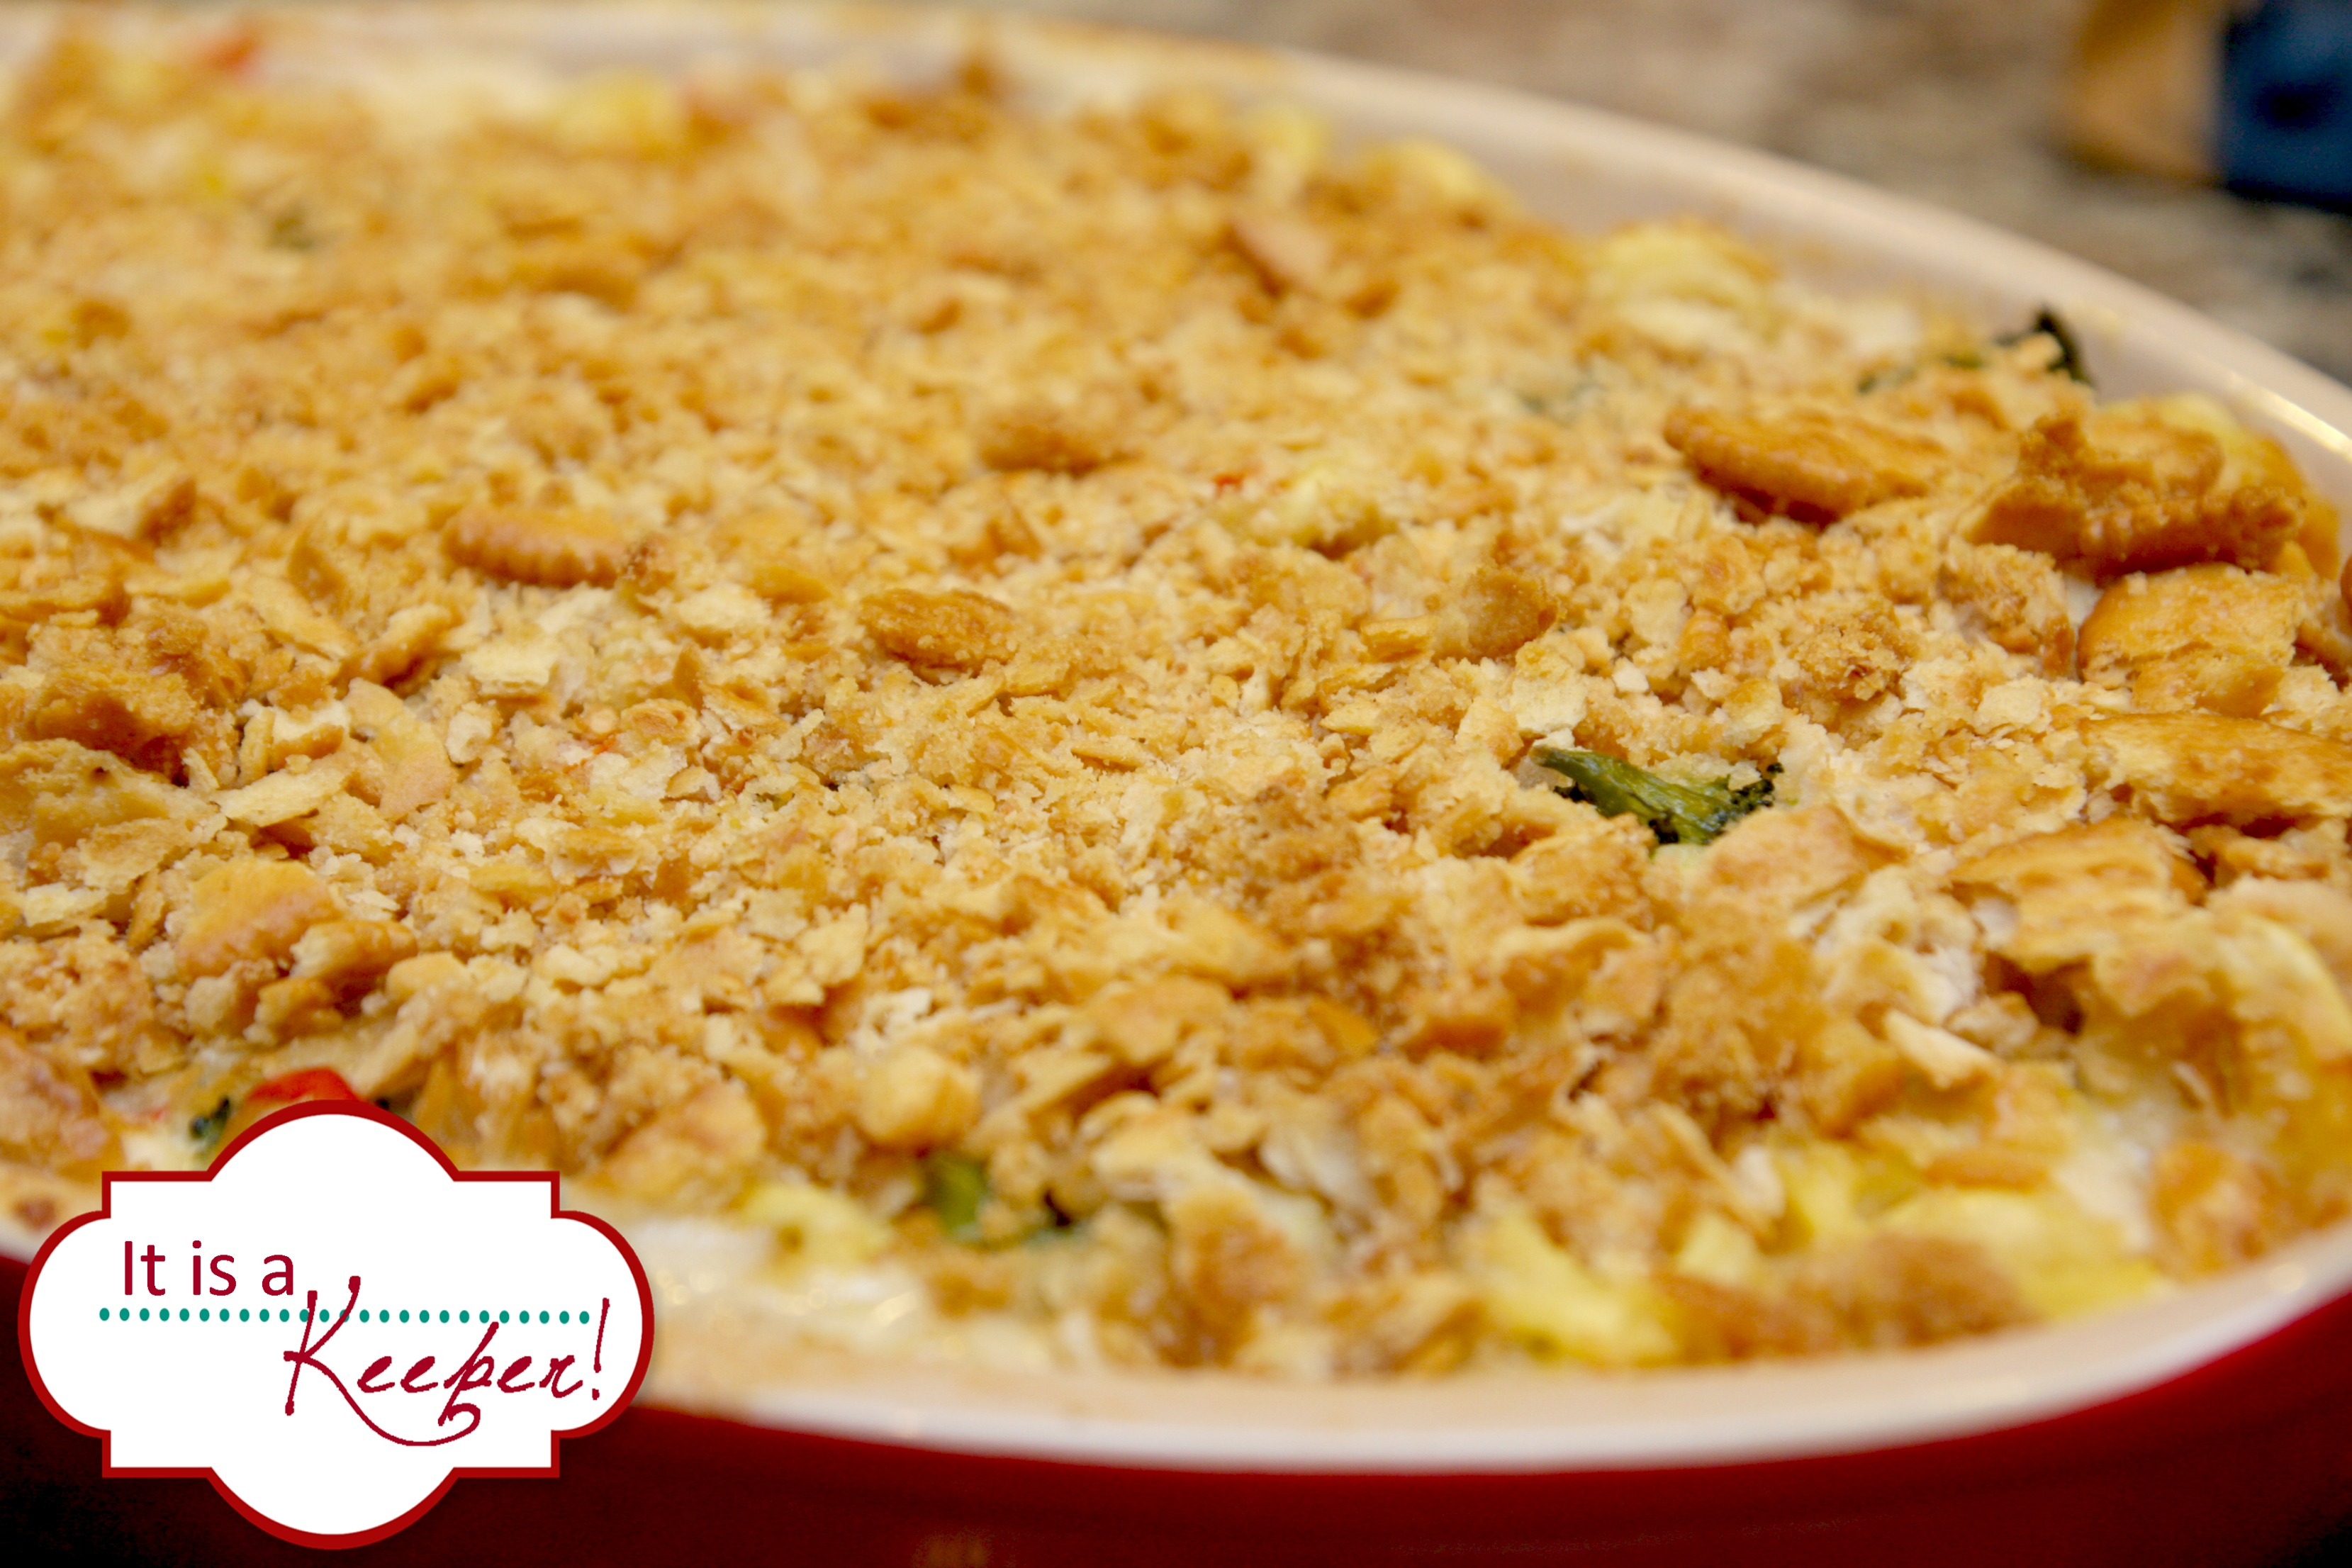 Creamy Chicken Tortellini Bake 1 It's a Keeper